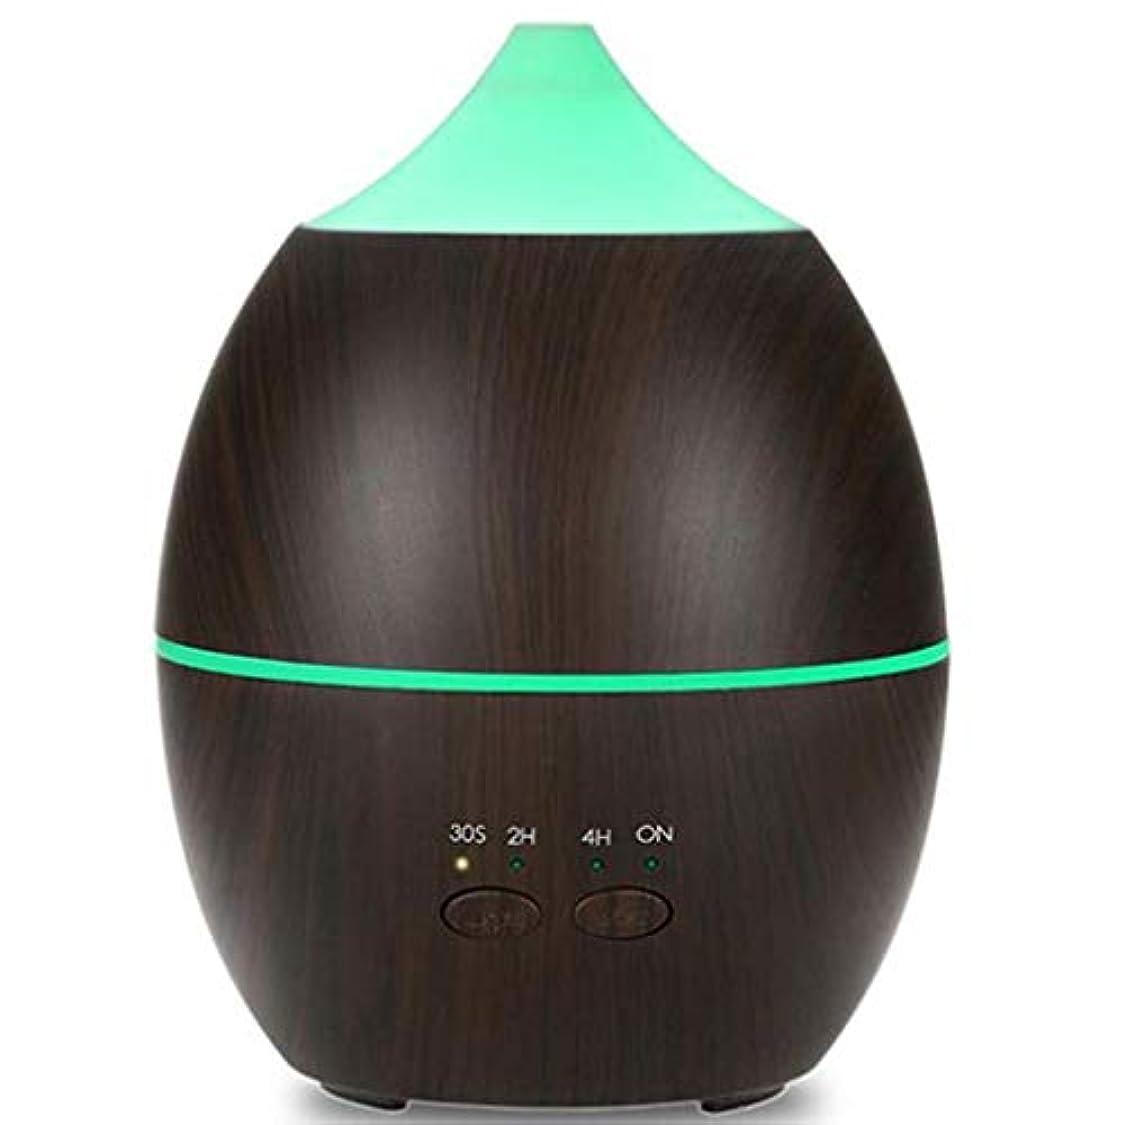 エミュレートする納税者フェードアウト300 Mlエッセンシャルオイルディフューザーアロマディフューザーウッド穀物アロマディフューザーで7色ledライト、調節可能なミストモード用ホームオフィスヨガ